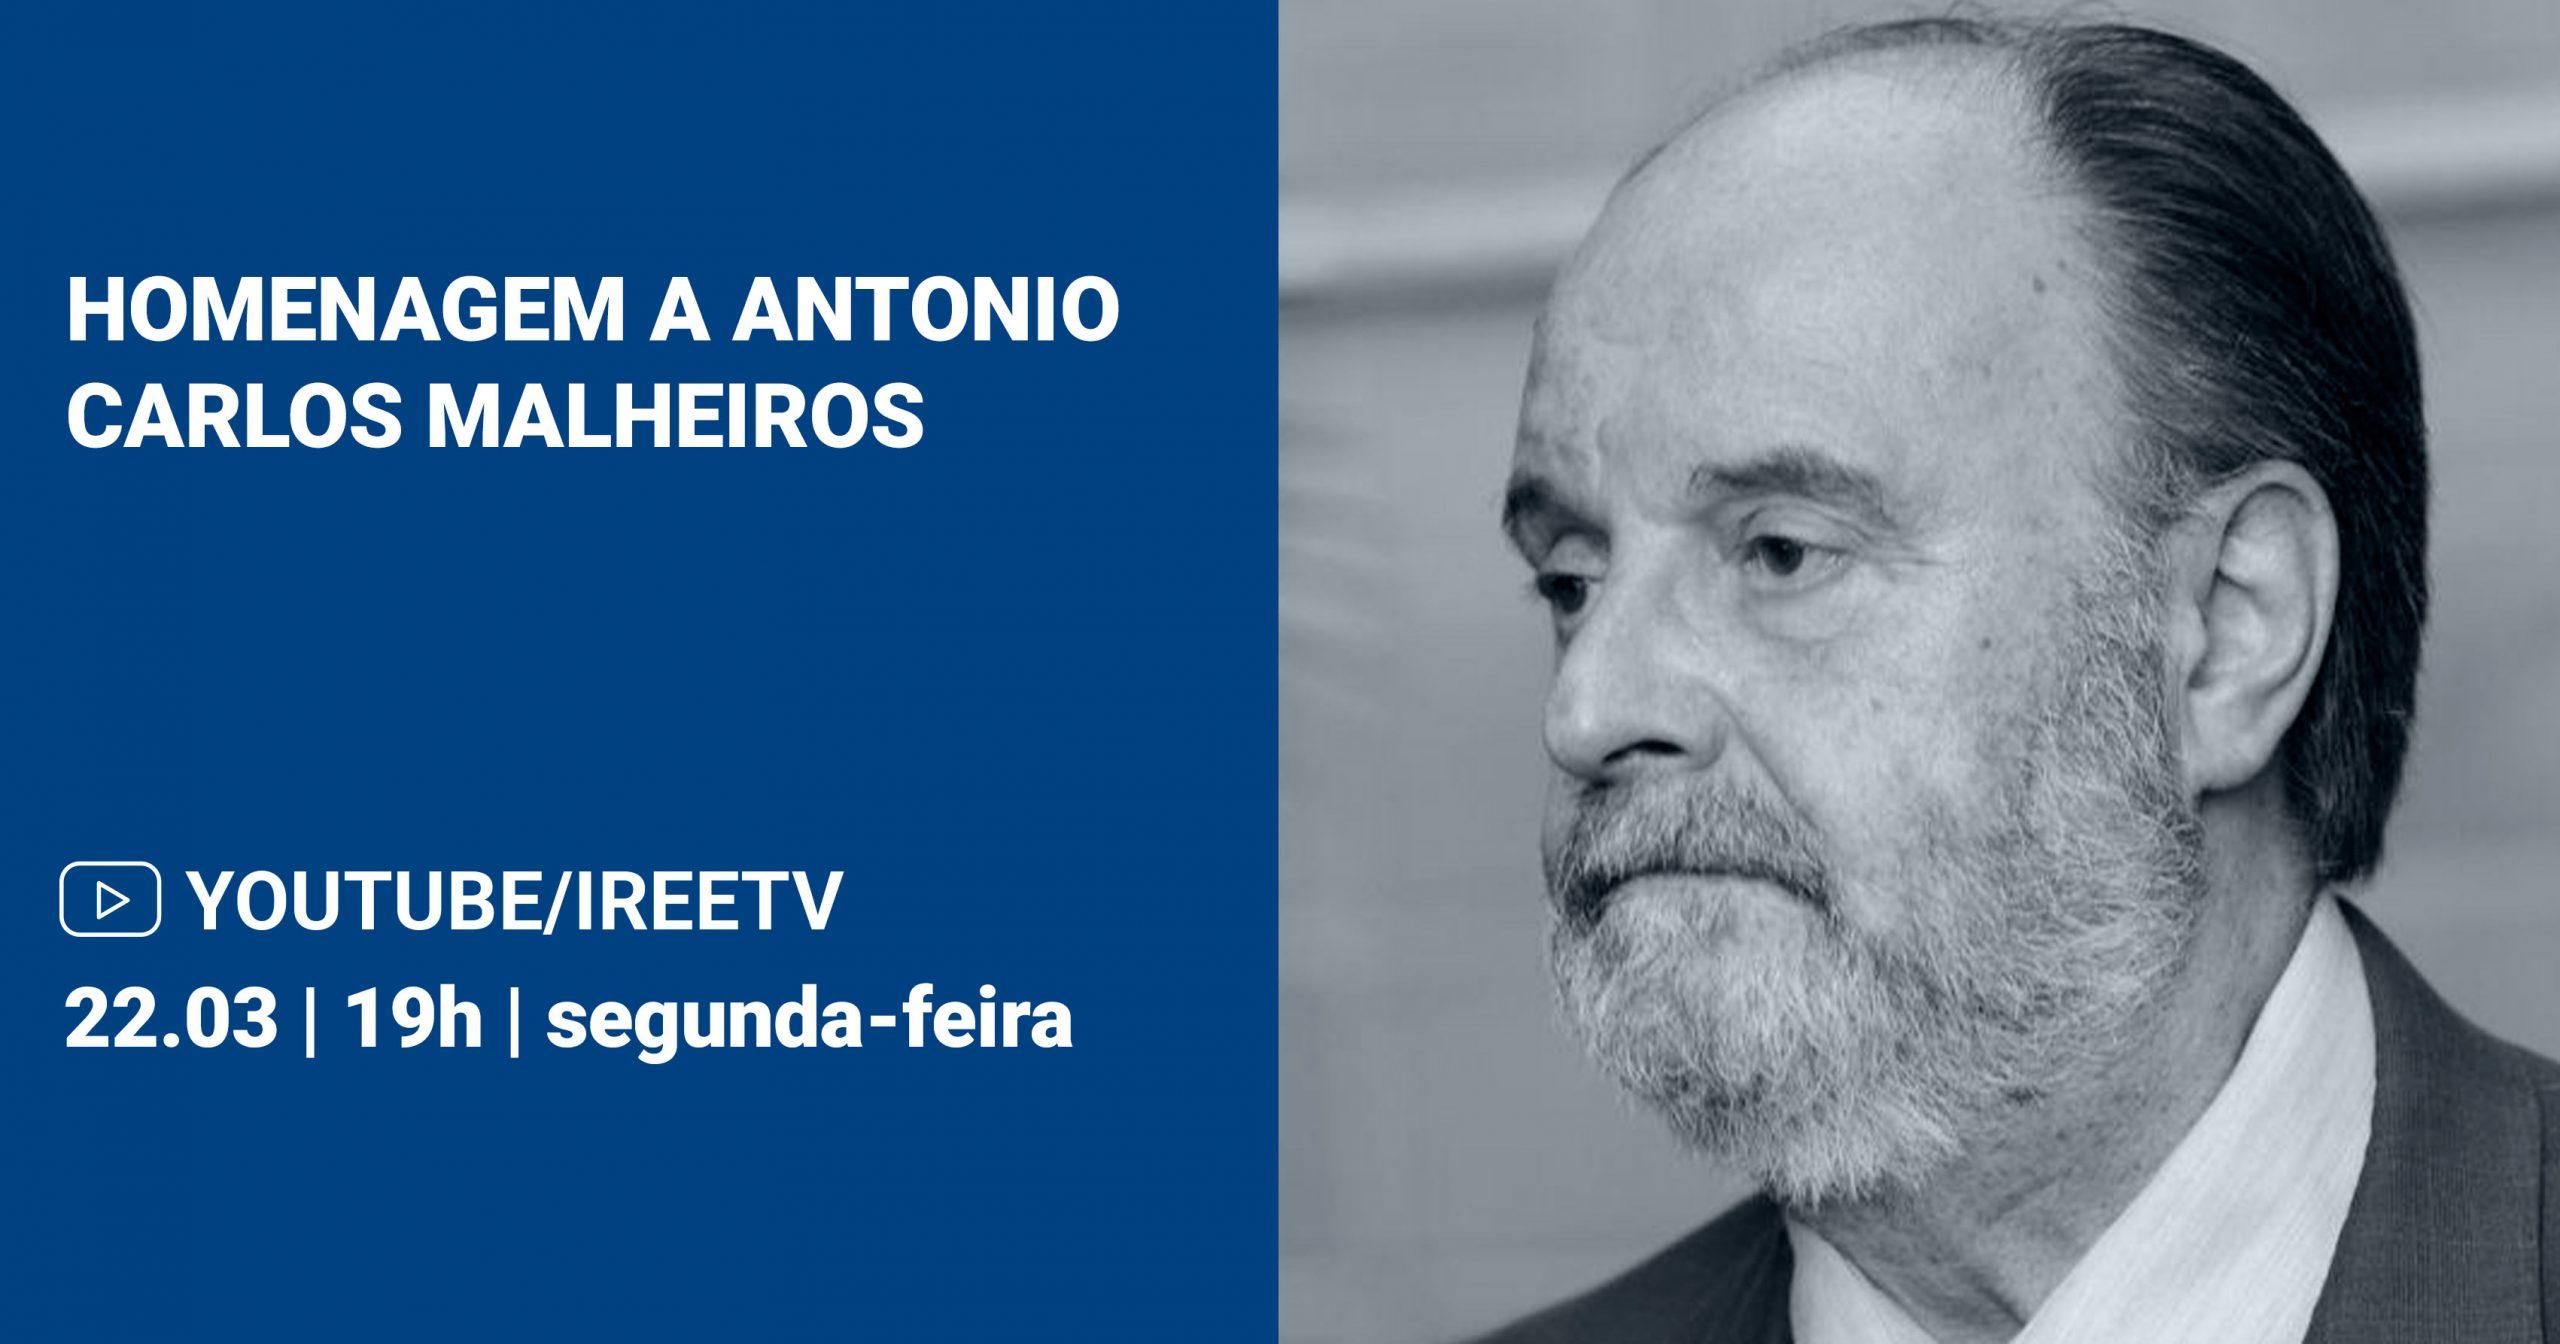 Homenagem a Antonio Carlos Malheiros